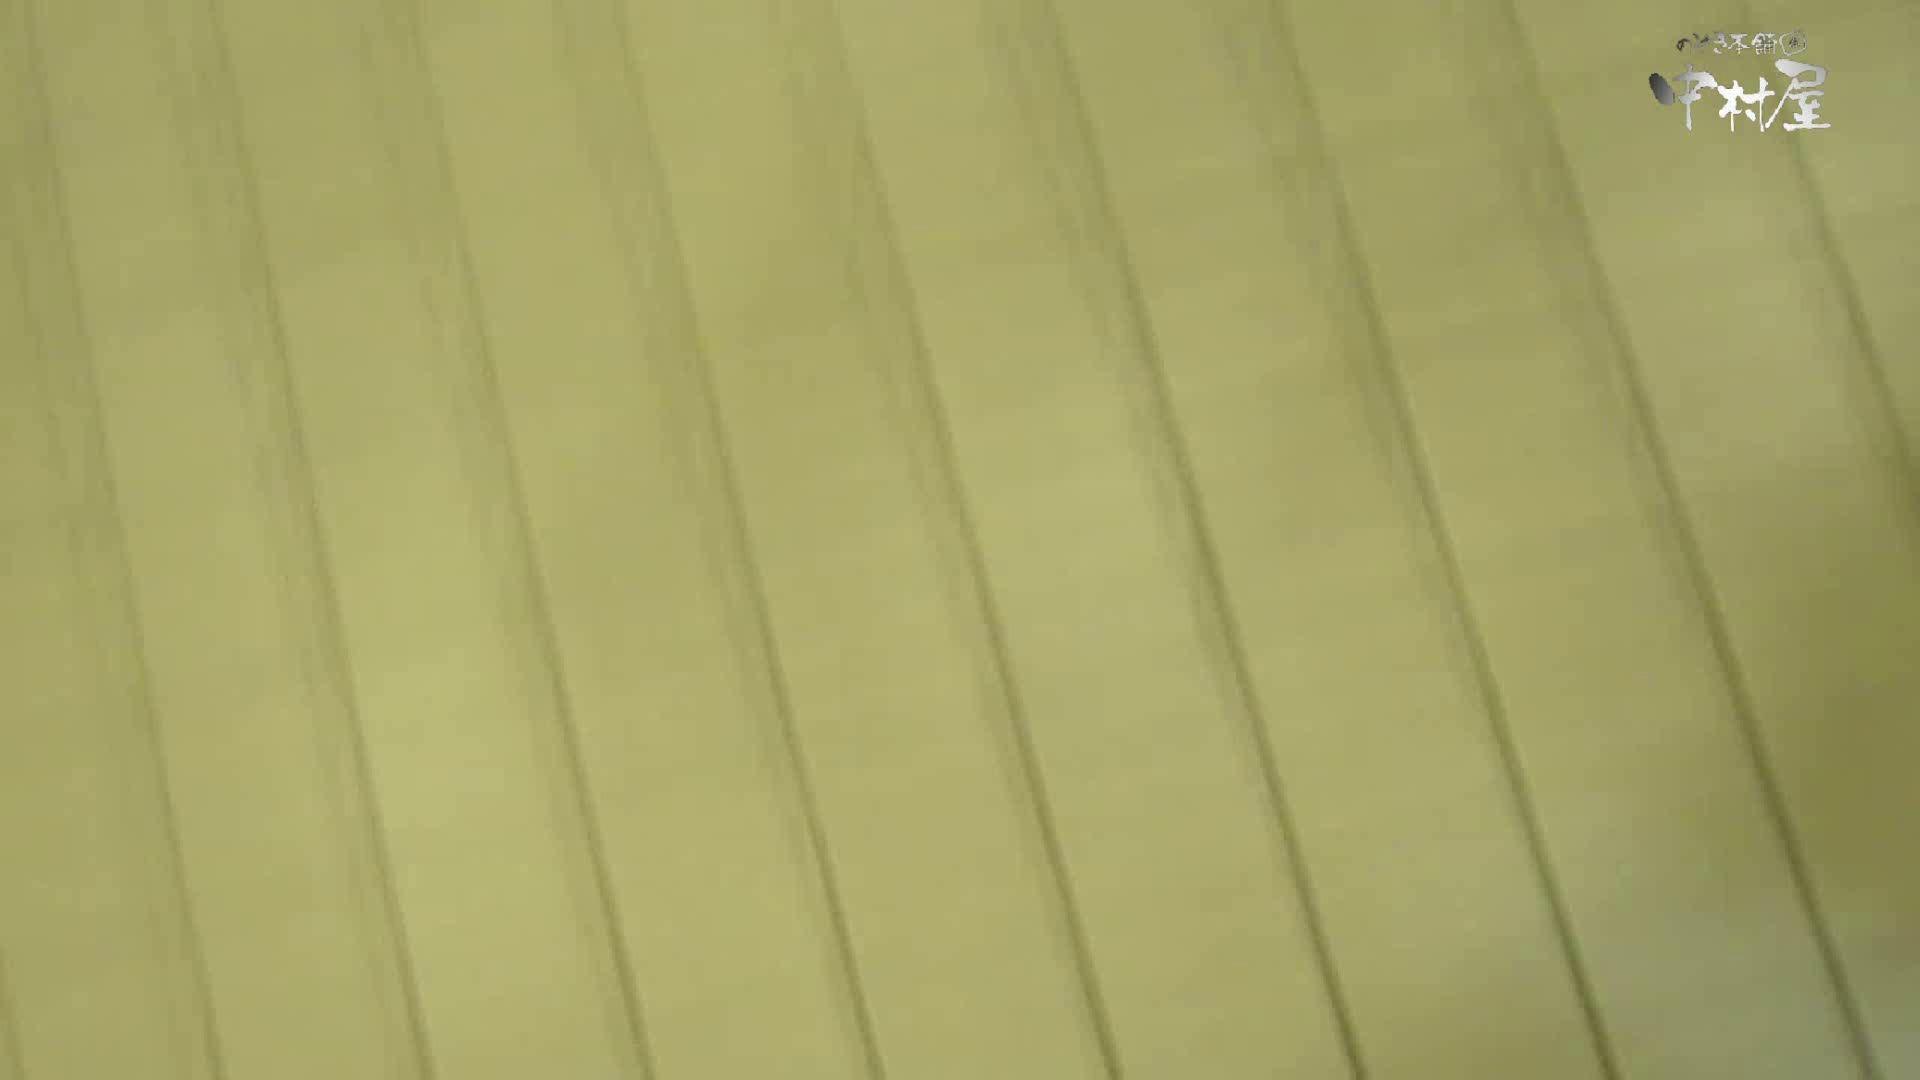 魂のかわや盗撮62連発! ほぼ立ちション! 56発目! 黄金水 | 盗撮シリーズ  104PIX 57